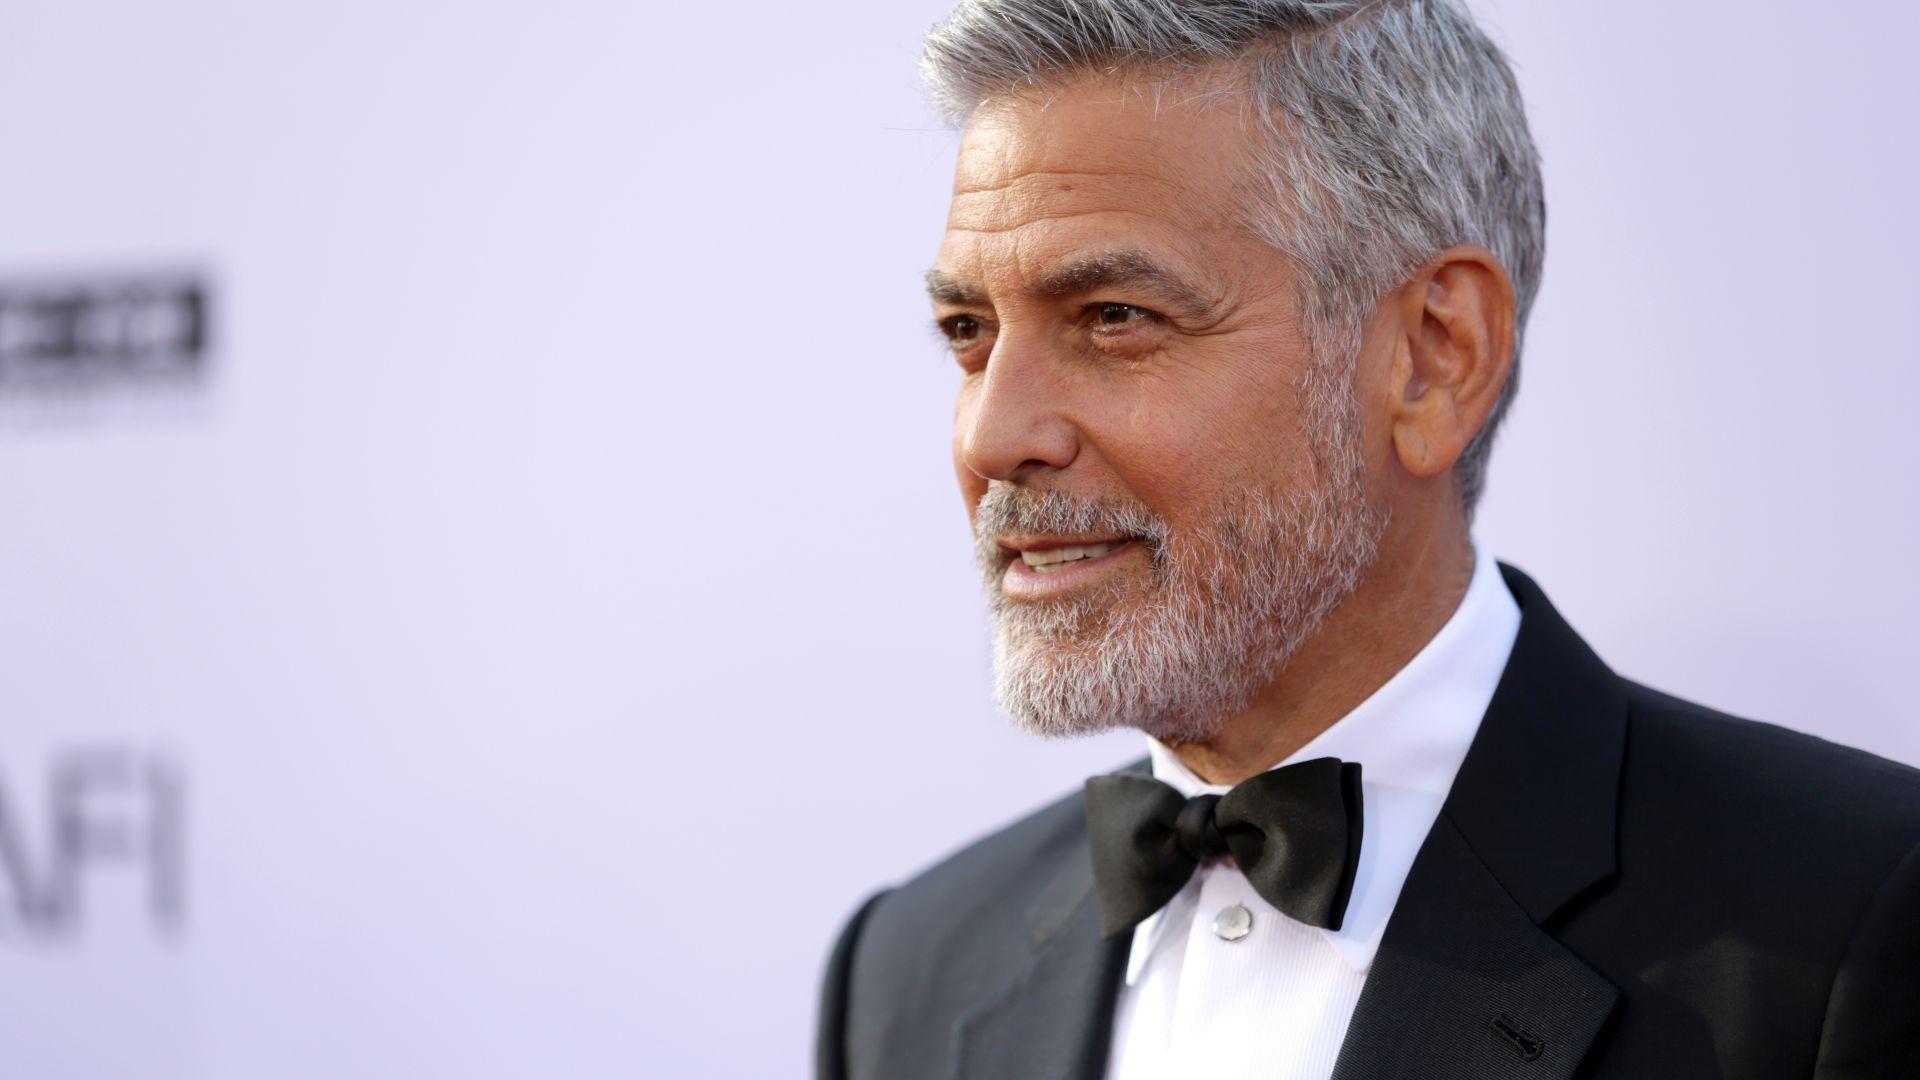 След рязко сваляне на 13 килограма: Джордж Клуни стигна до болница